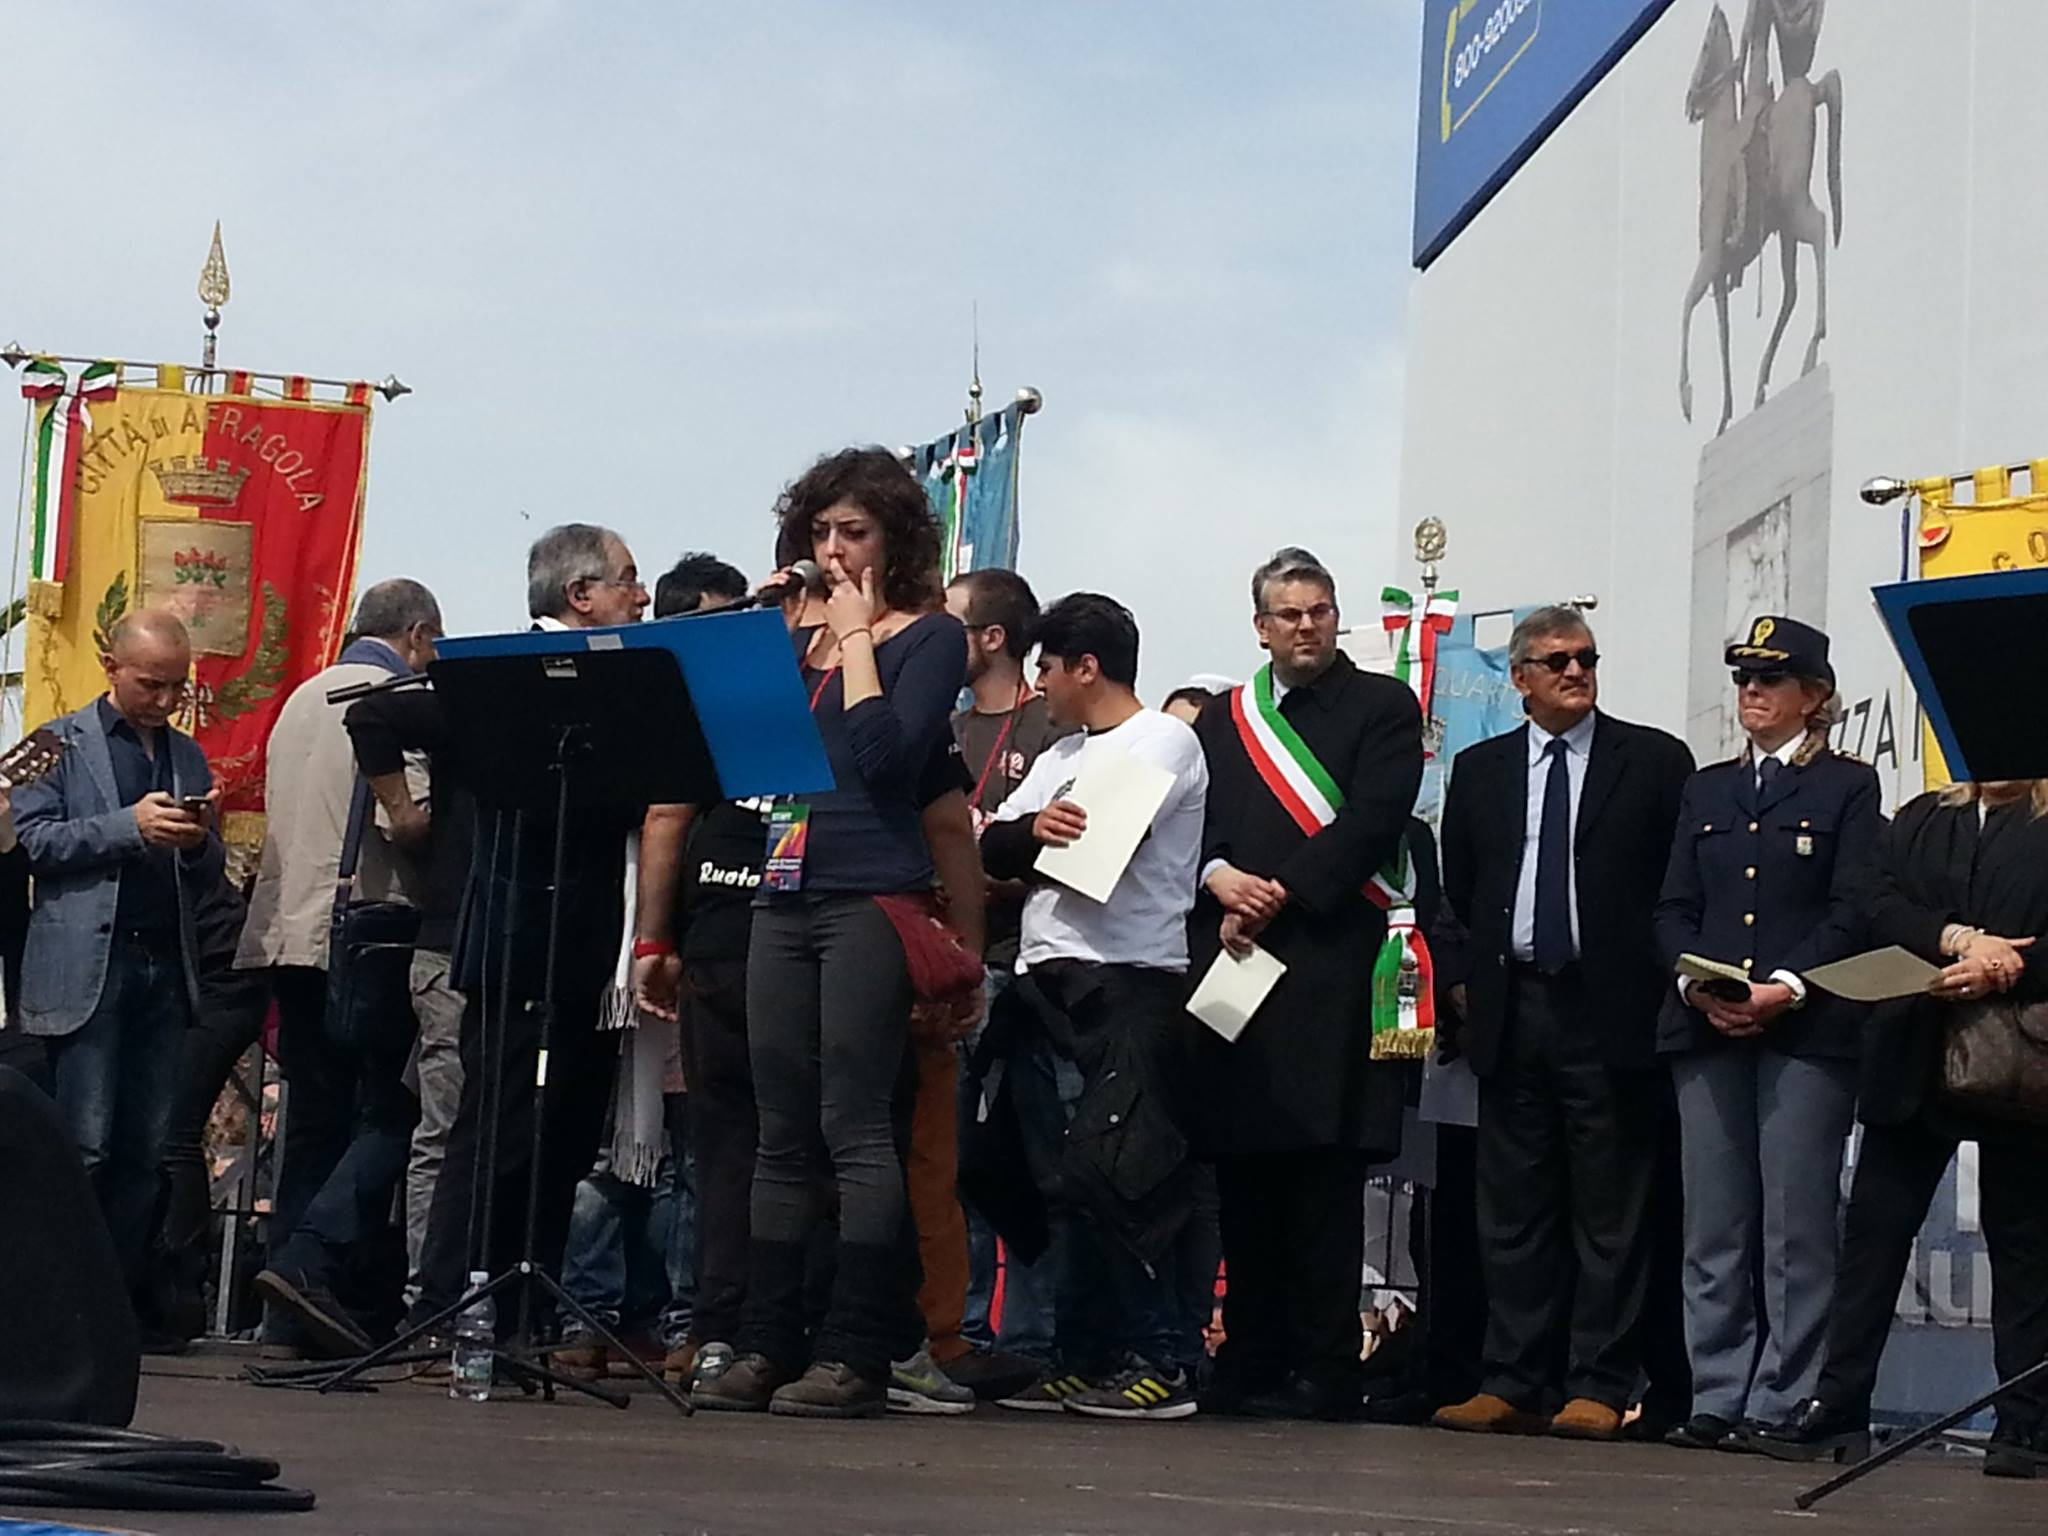 """GIORNO DELLA MEMORIA E DELL'IMPEGNO – A San Giorgio a Cremano un parco intitolato a Vincenzo Liguori, il sindaco: """"Così il suo sacrificio non sarà dimenticato"""""""